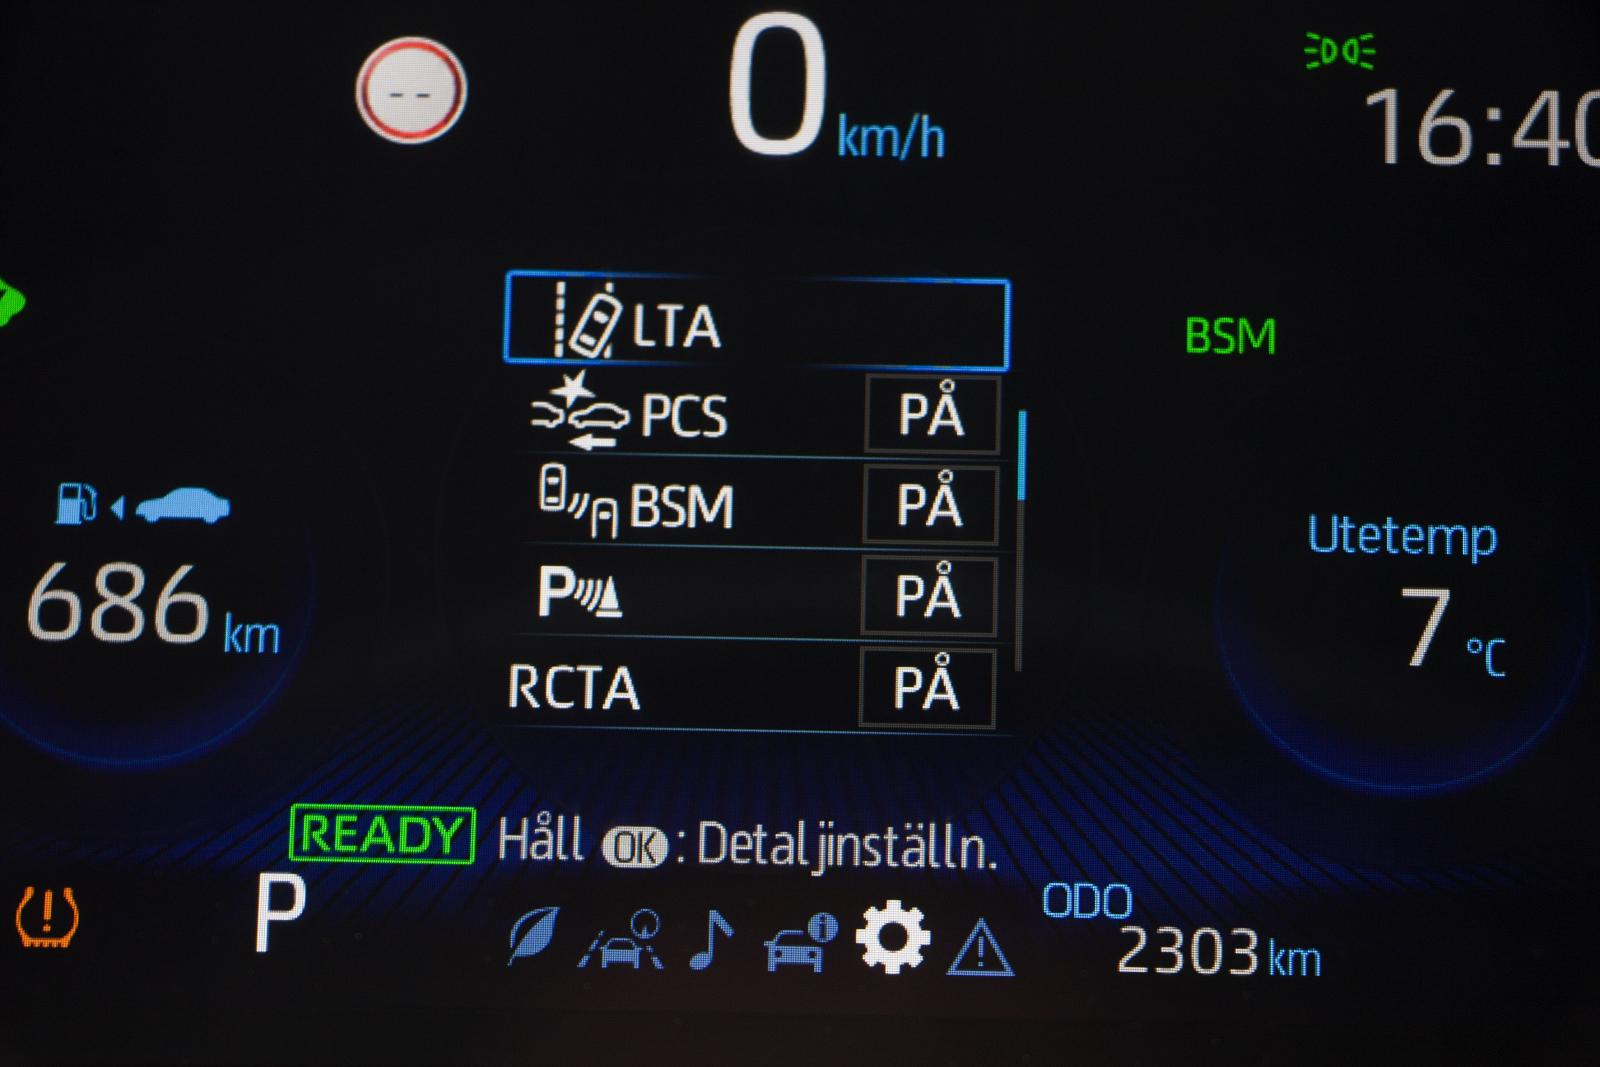 Toyotas färddator ger rikliga möjligheter men är rörig och det är inte lätt att begripa förkortningarna.